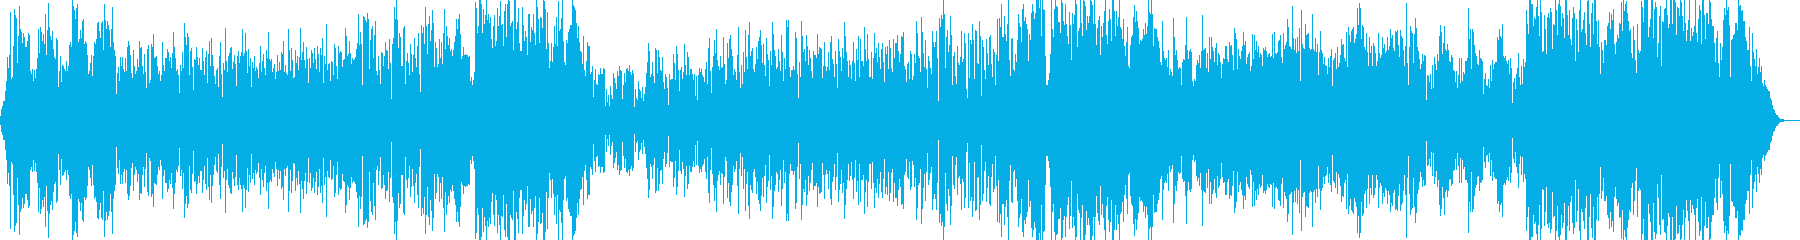 洒落たコードに電子なリズムの再生済みの波形